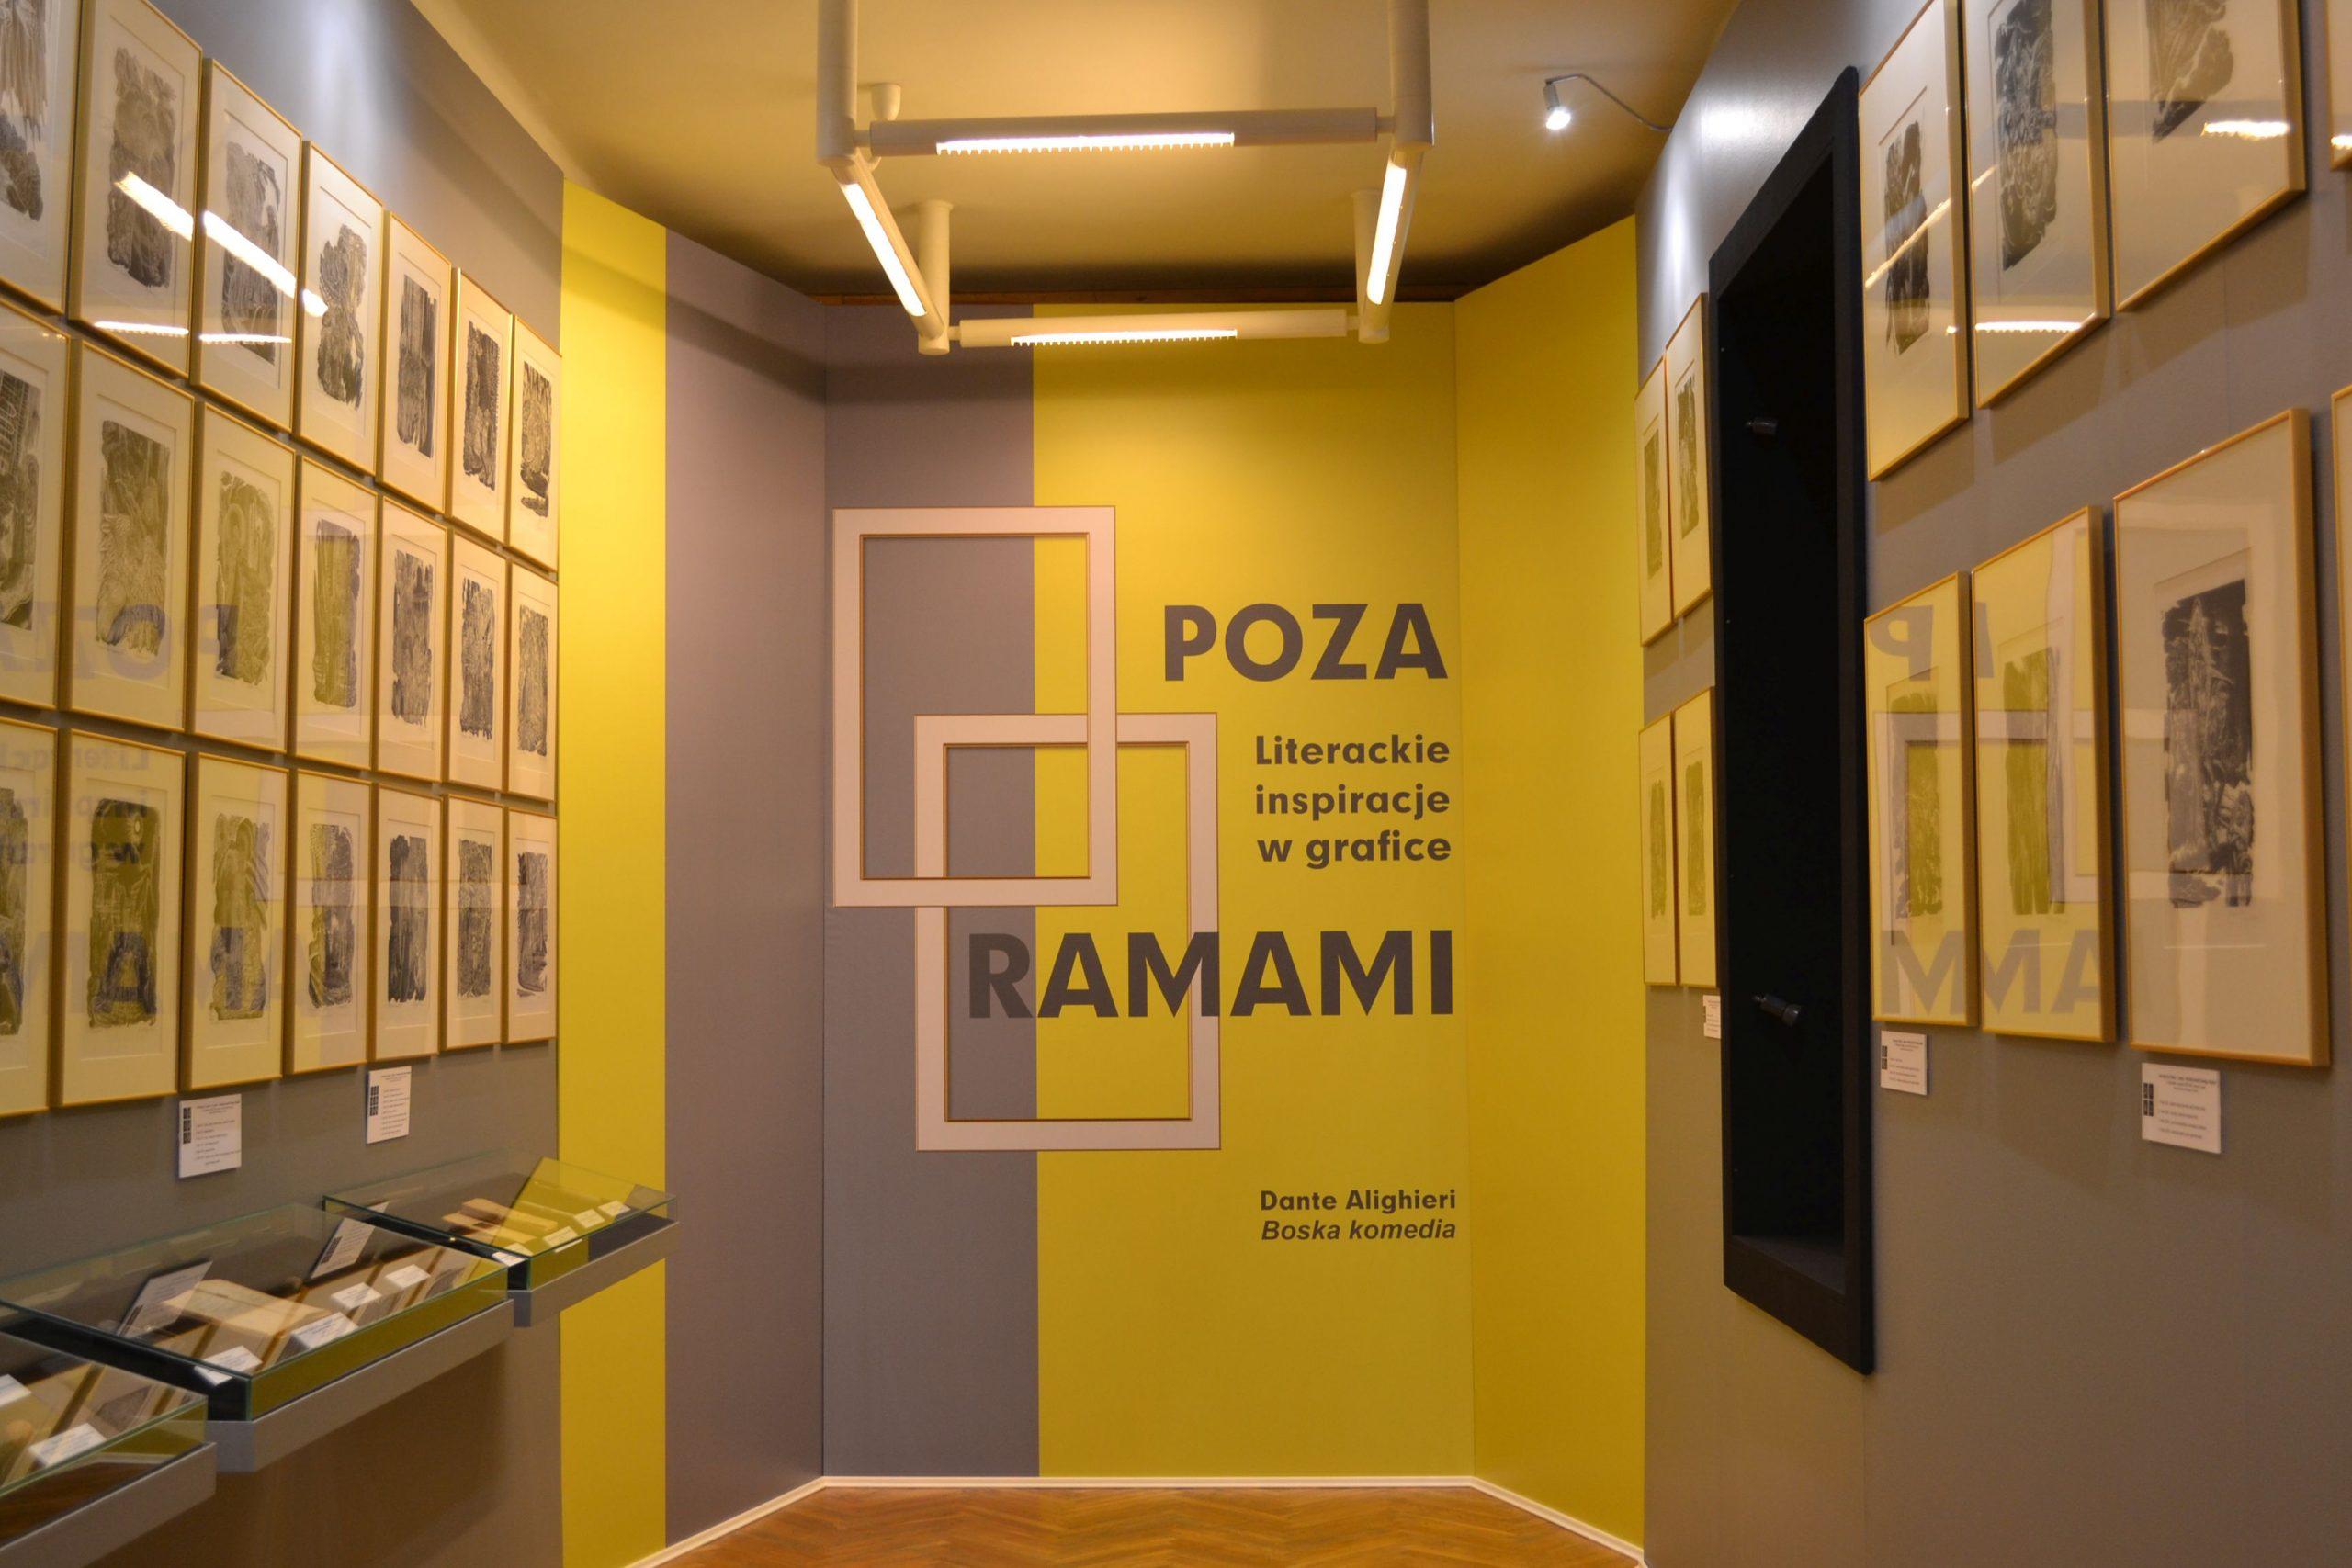 Otwarcie wystawy w Muzeum Lat Szkolnych Stefana Żeromskiego